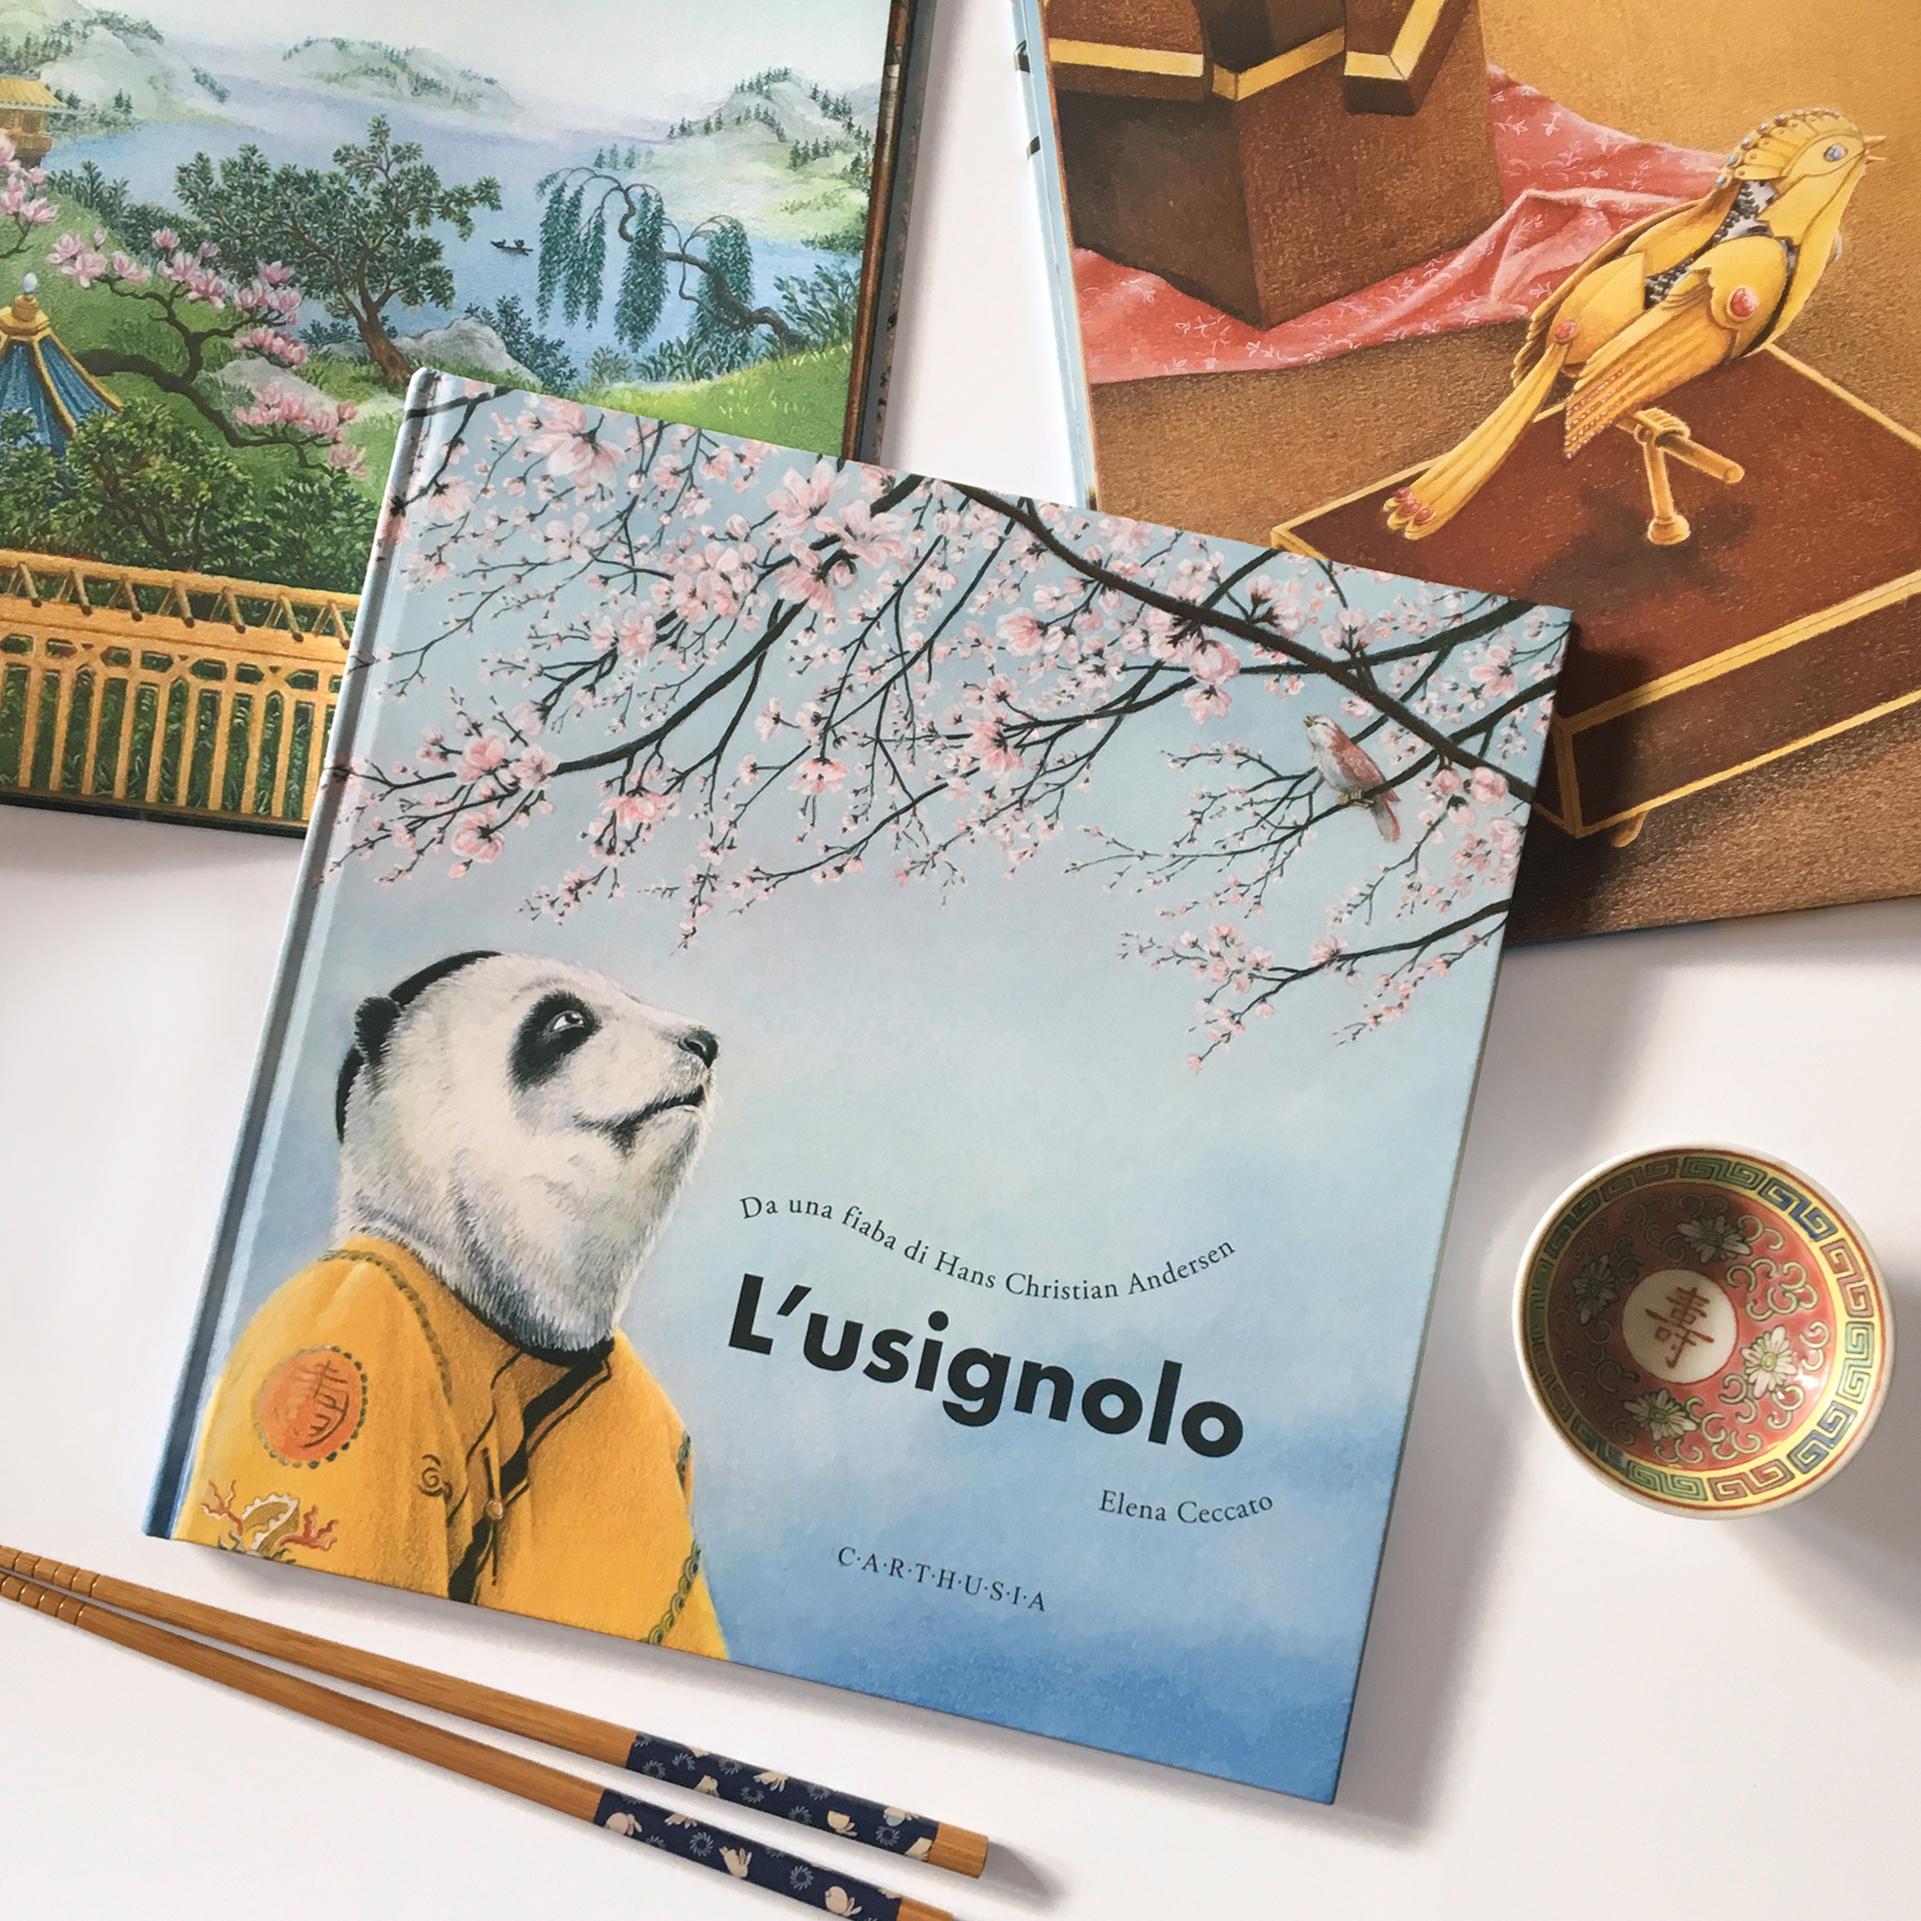 L'usignolo2018